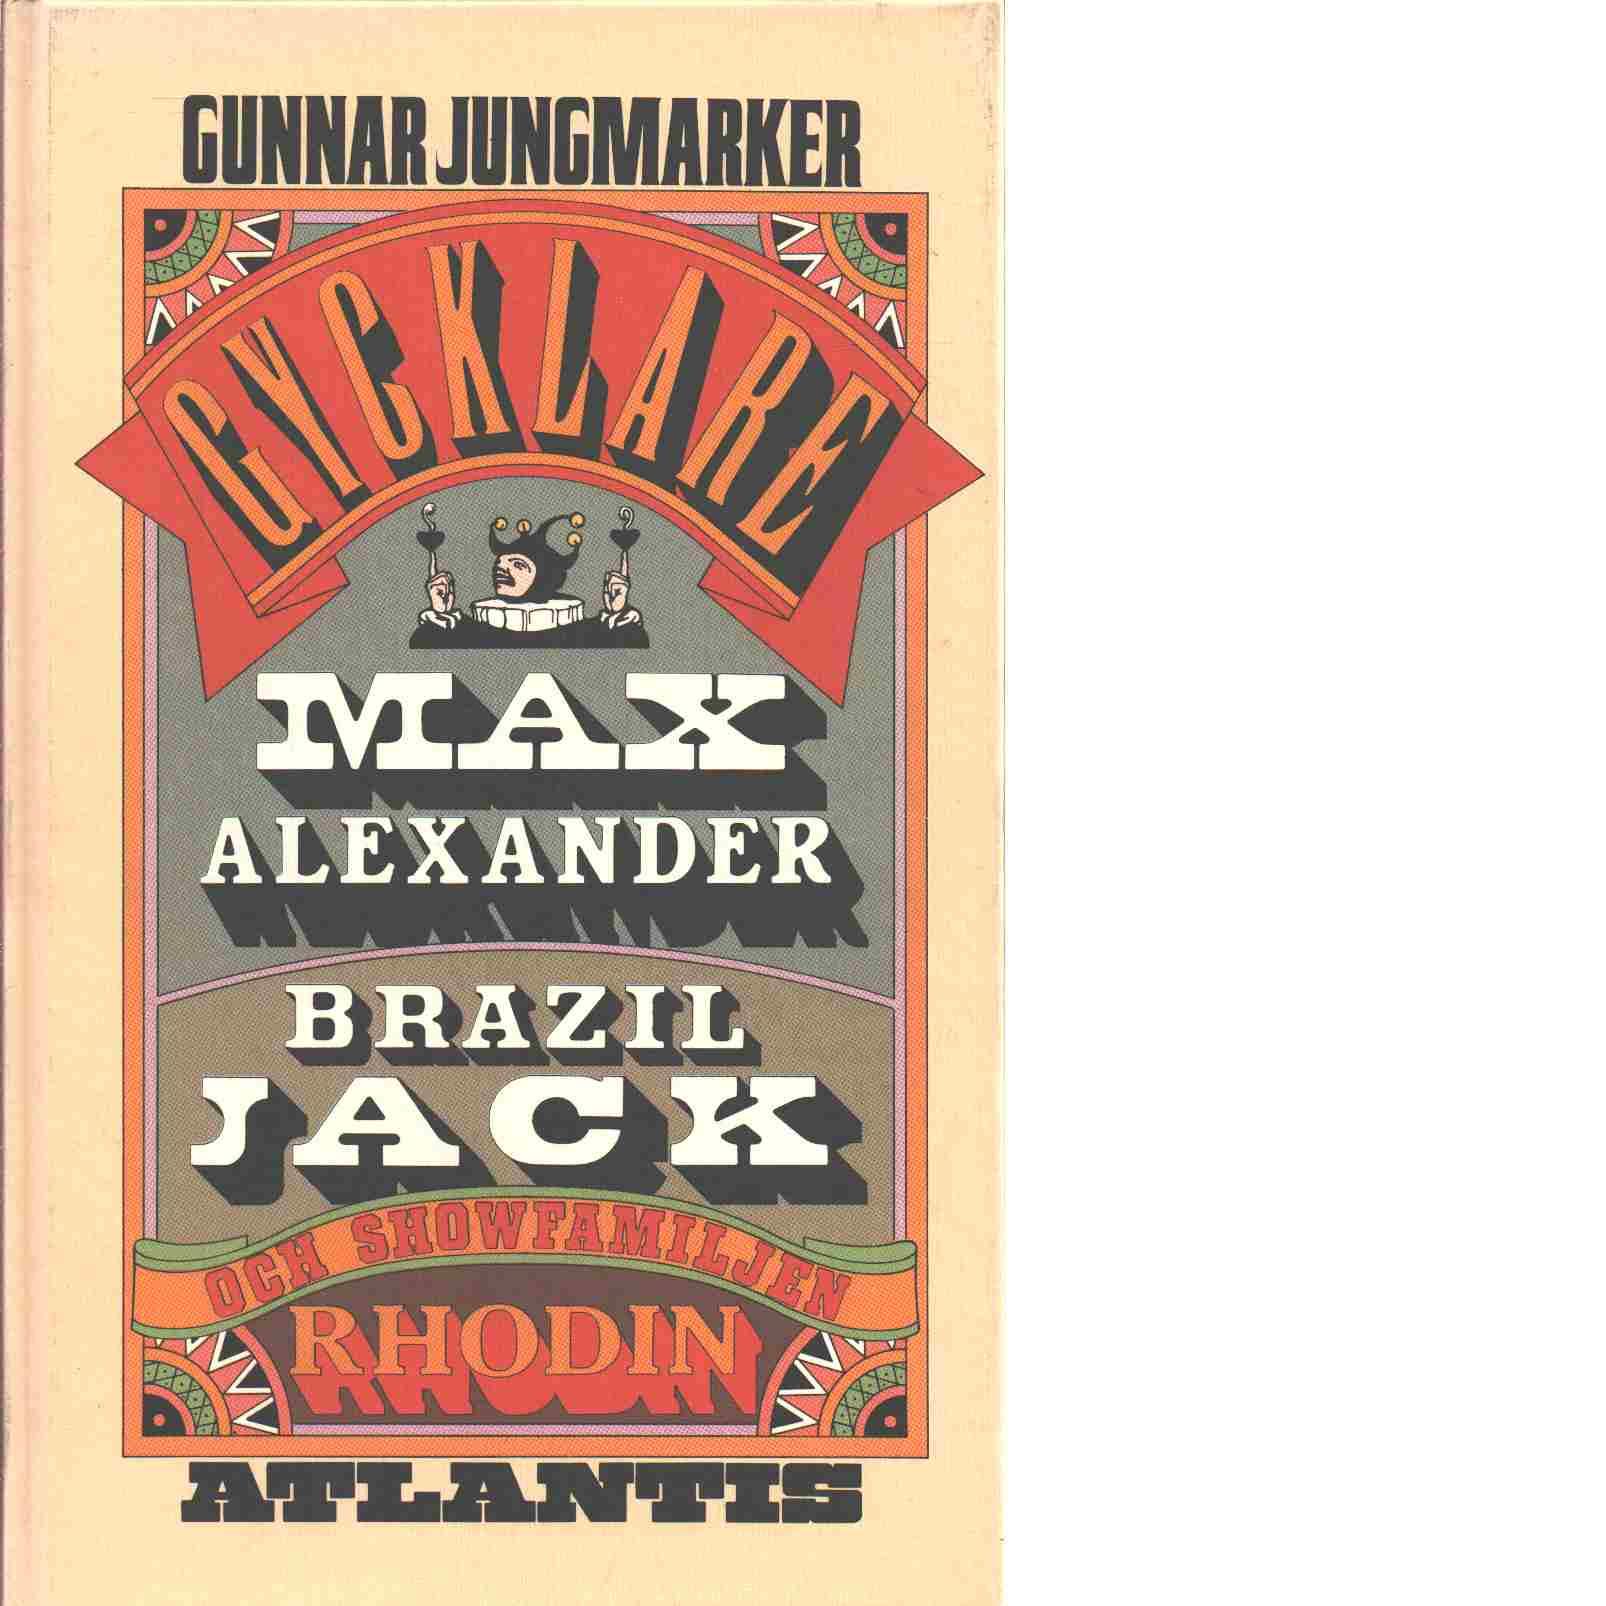 Gycklare : Gøglere : Max Alexander, Brazil Jack och showfamiljen Rhodin - Jungmarker, Gunnar